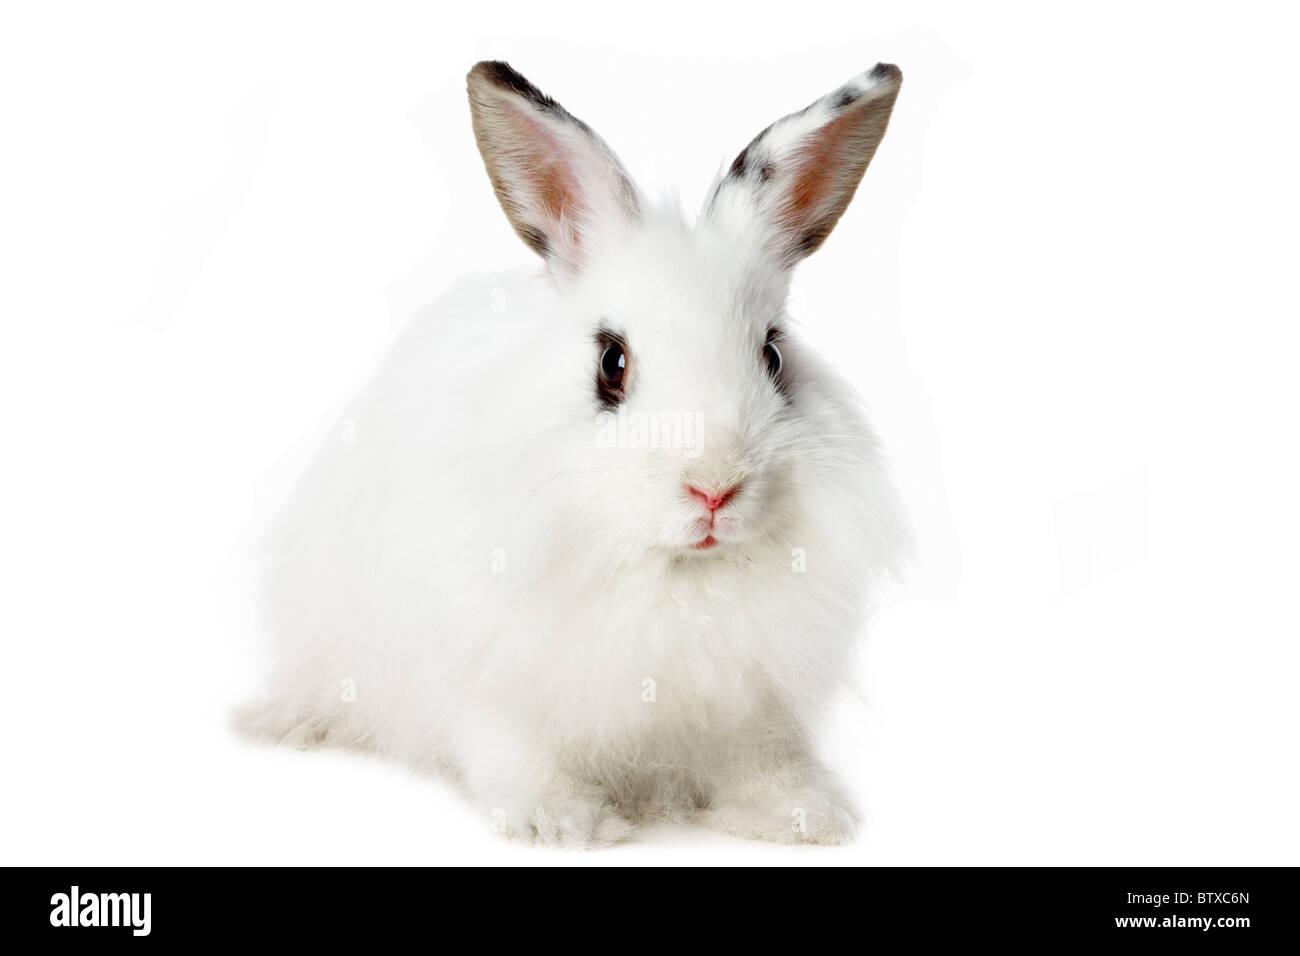 Image of fluffy white rabbit isolated over white background - Stock Image